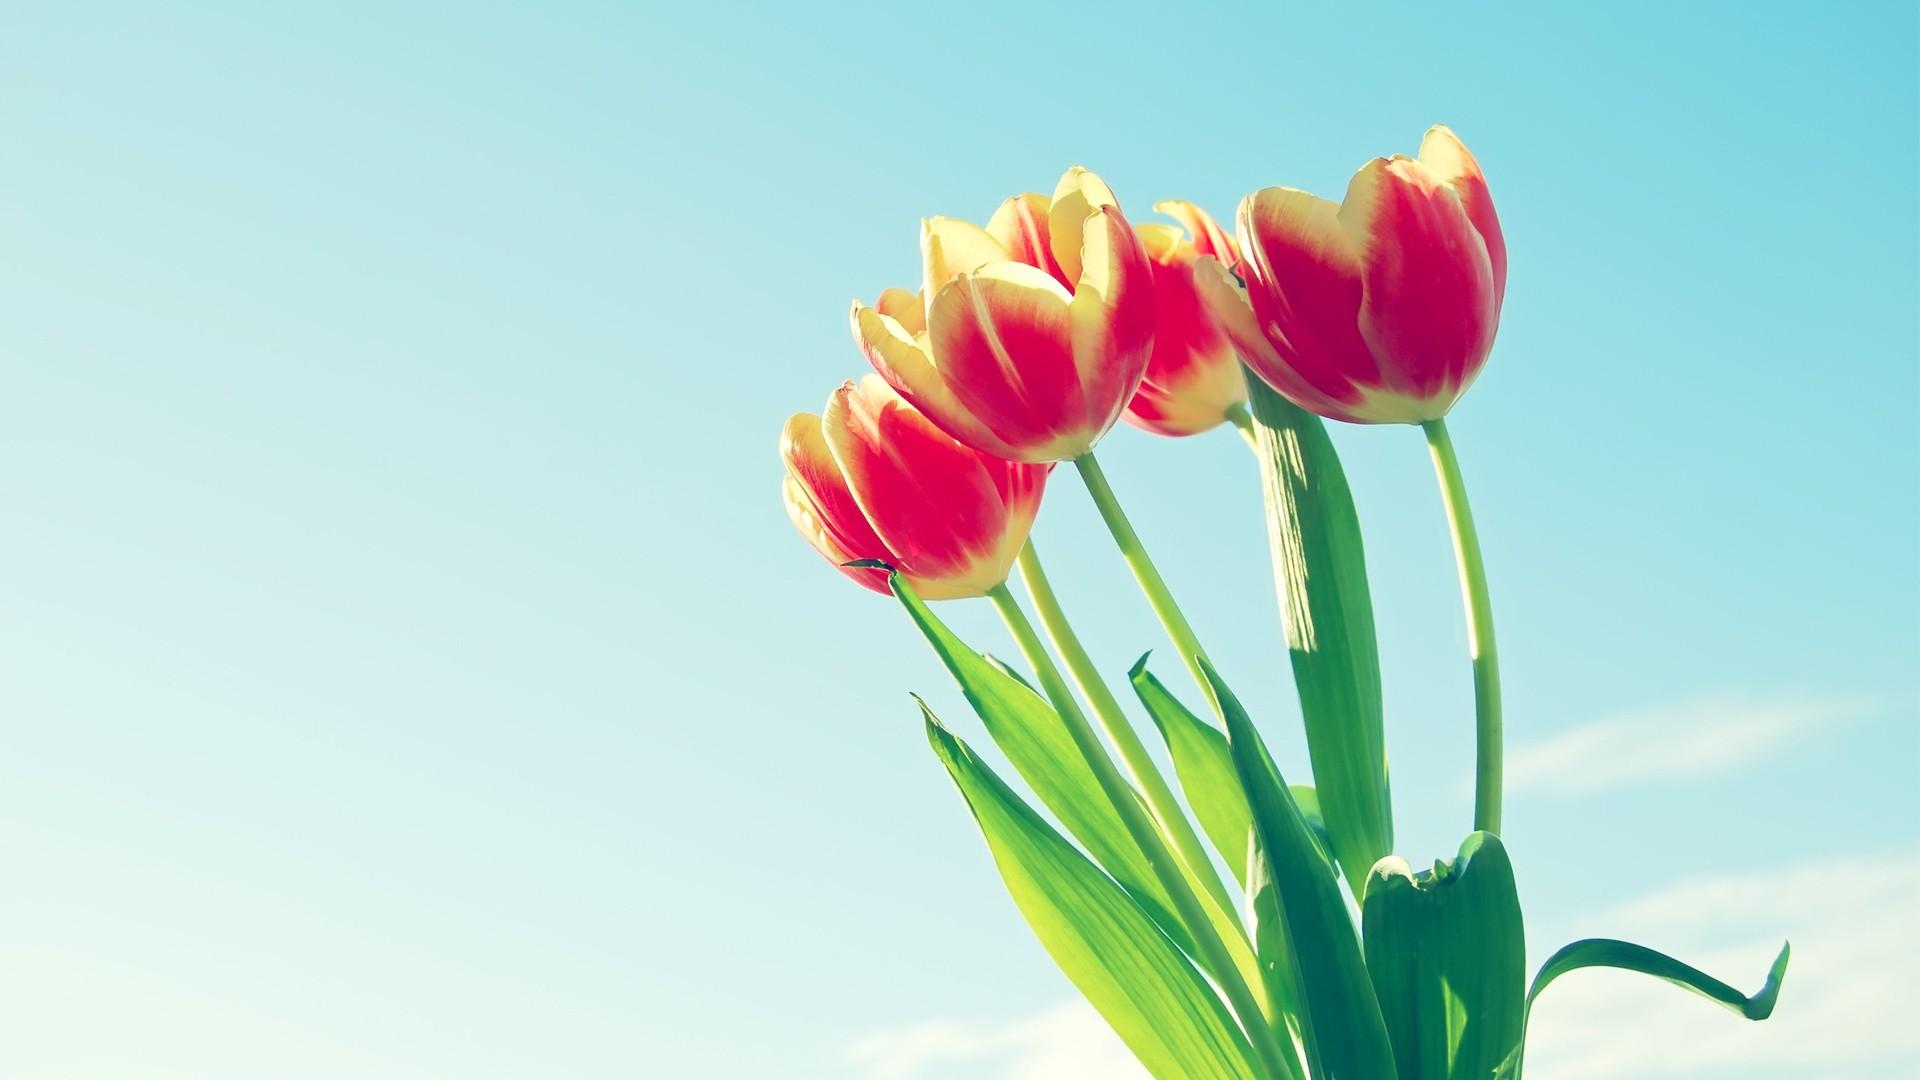 植物花卉高清電腦壁紙_360社區